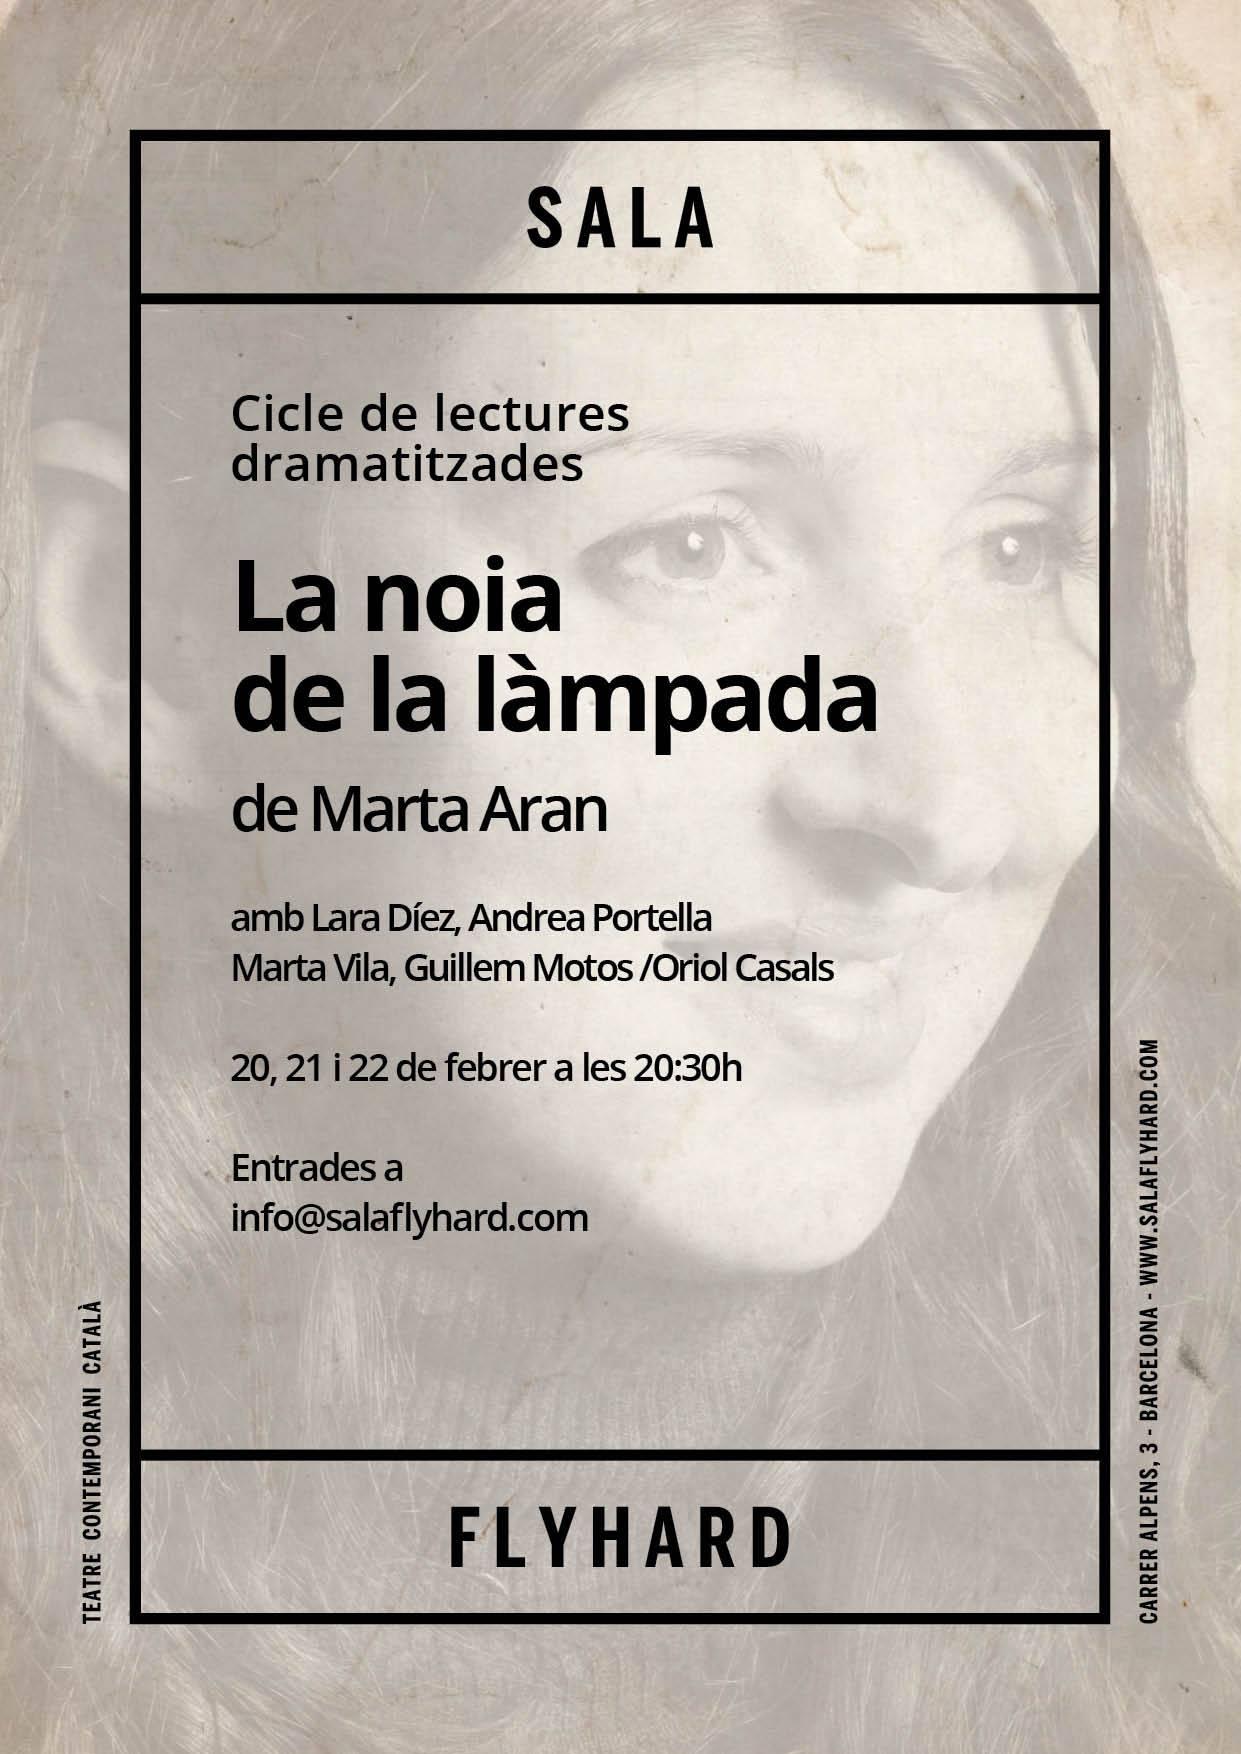 La noia de la làmpada - Marta Aran